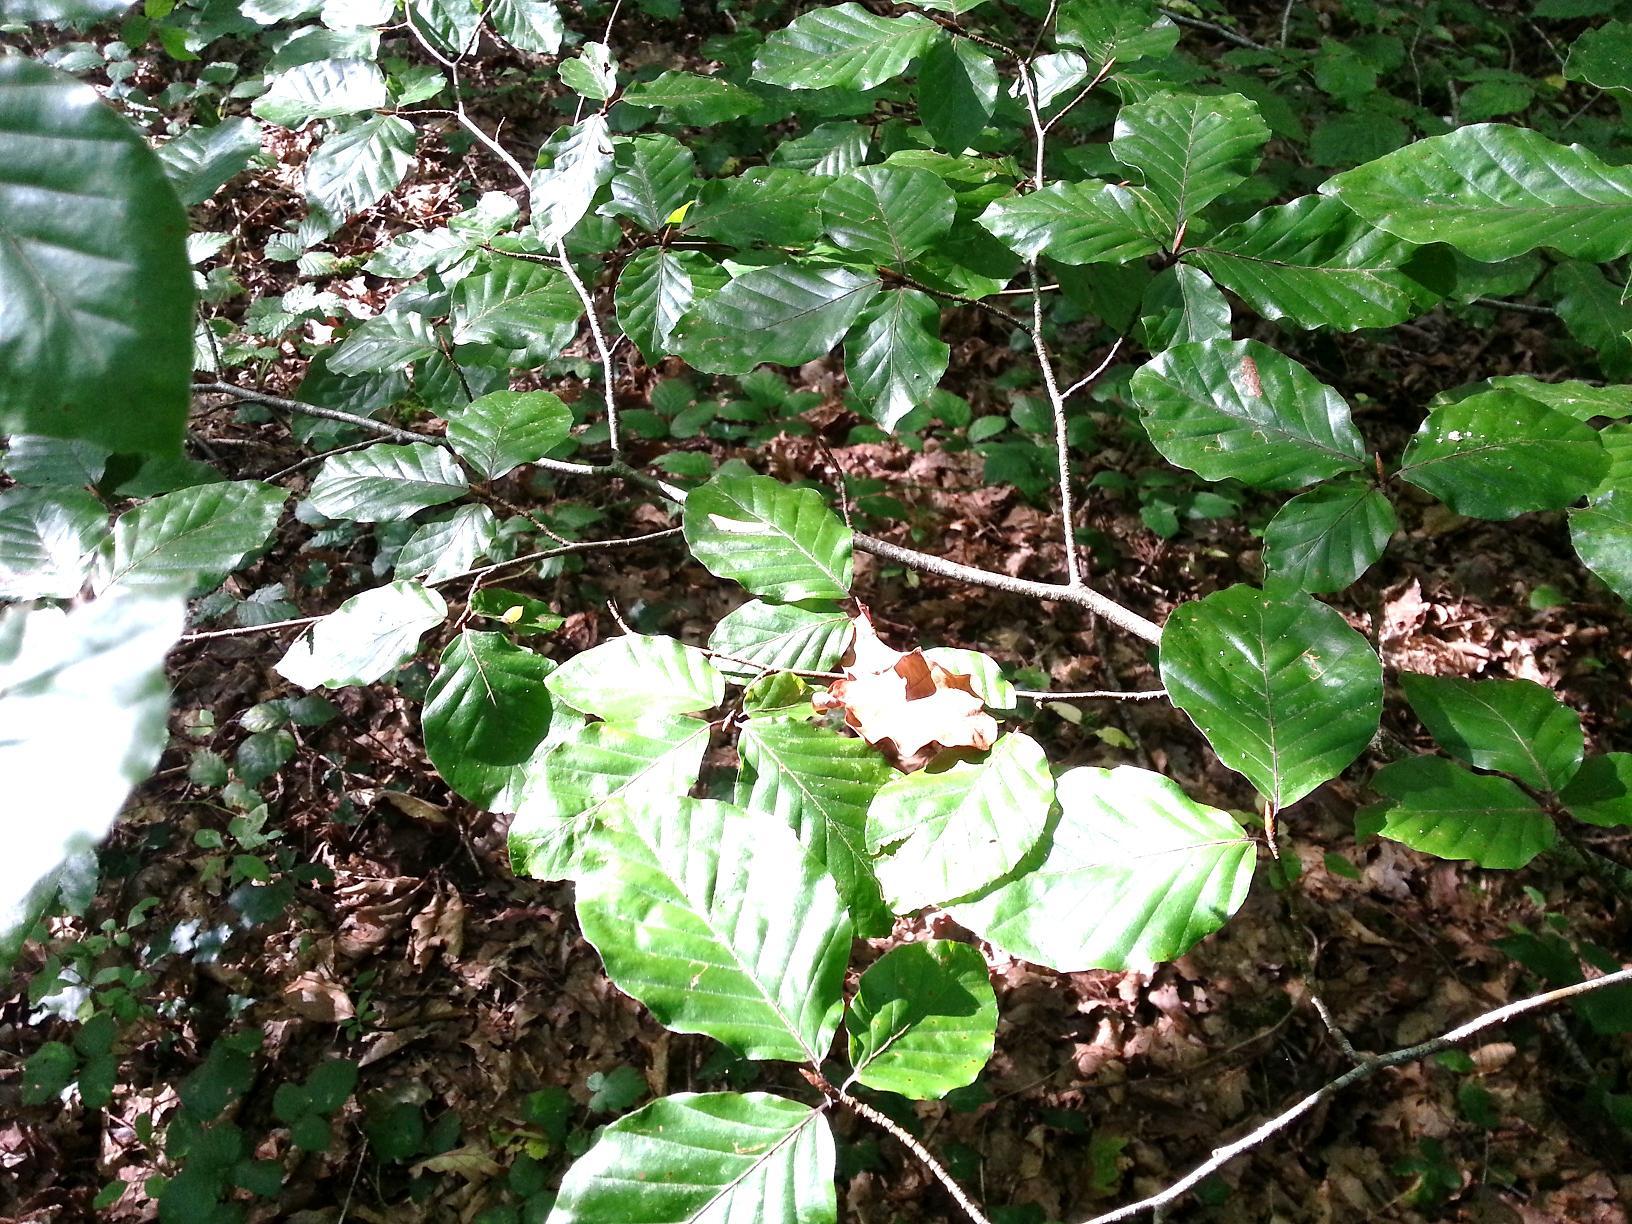 Le chevreuil raffole du feuillage de cet arbre